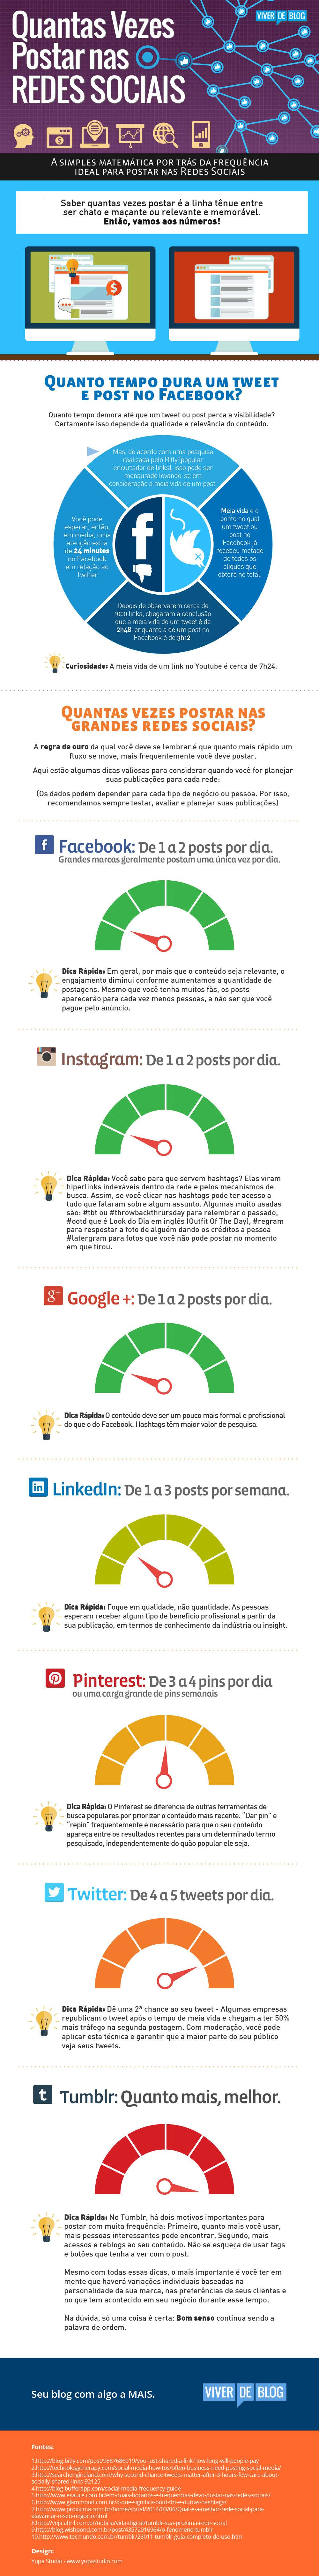 [Infográfico] A frequência ideal de postagens nas redes sociais | Conteúdo e Cia